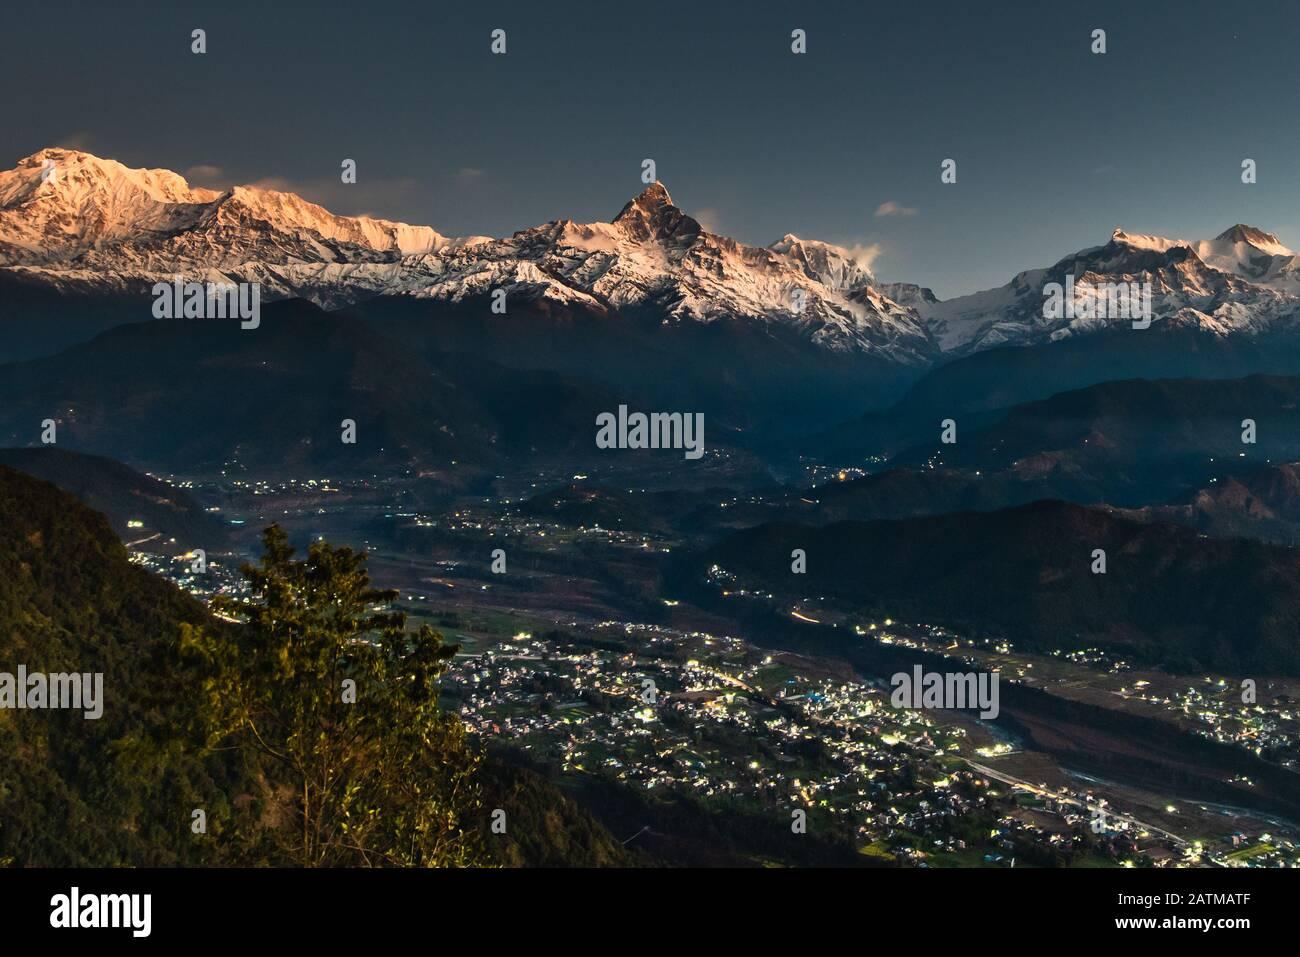 Machapuchare al mattino presto. Una montagna nell'Annapurna Himalaya del Nepal centrale del nord. Foto Stock